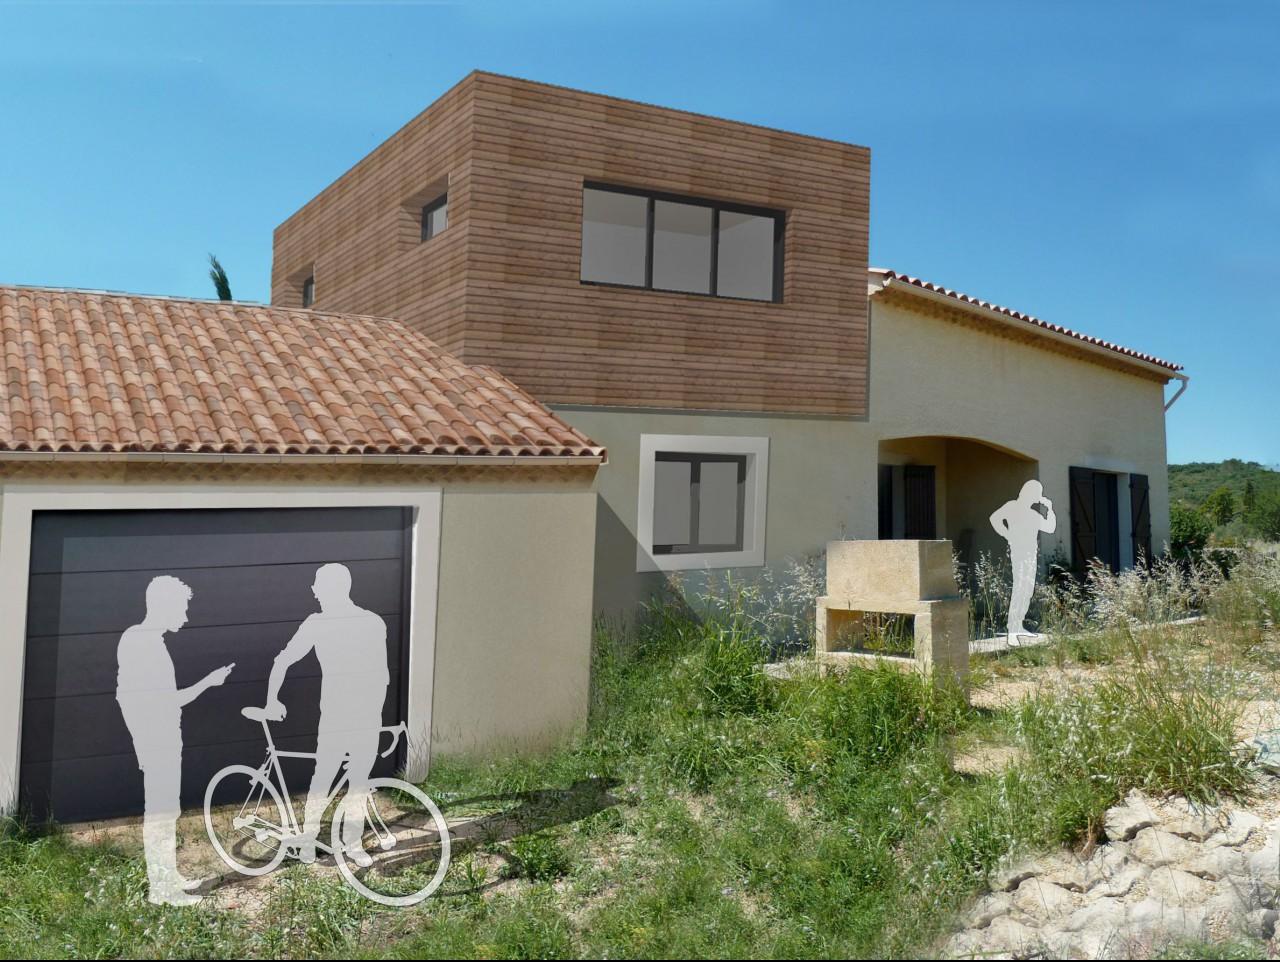 Agence d'architecture Brayer-Hugon nos réalisations à Nîmes Languedoc Roussillon Occitanie